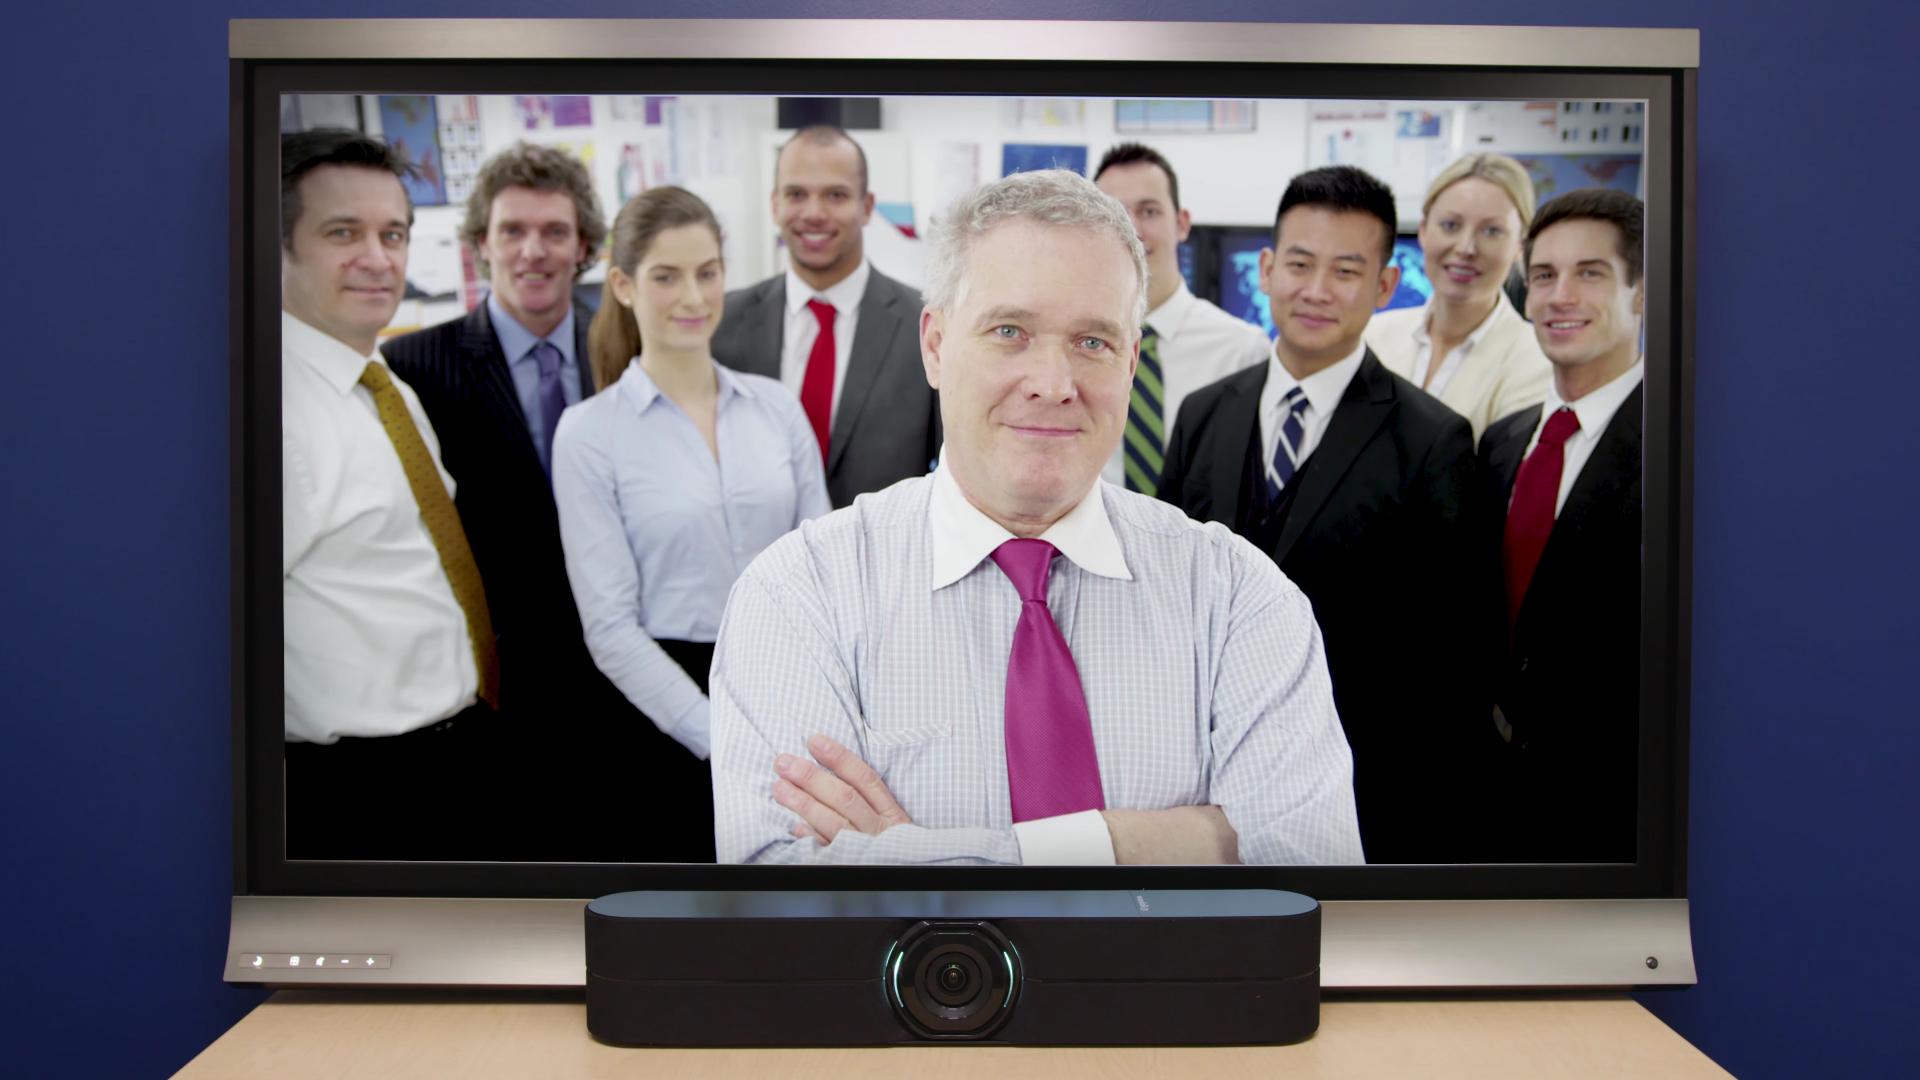 Aplicación del sistema Huddleshot de Vaddio en un entorno de oficina.